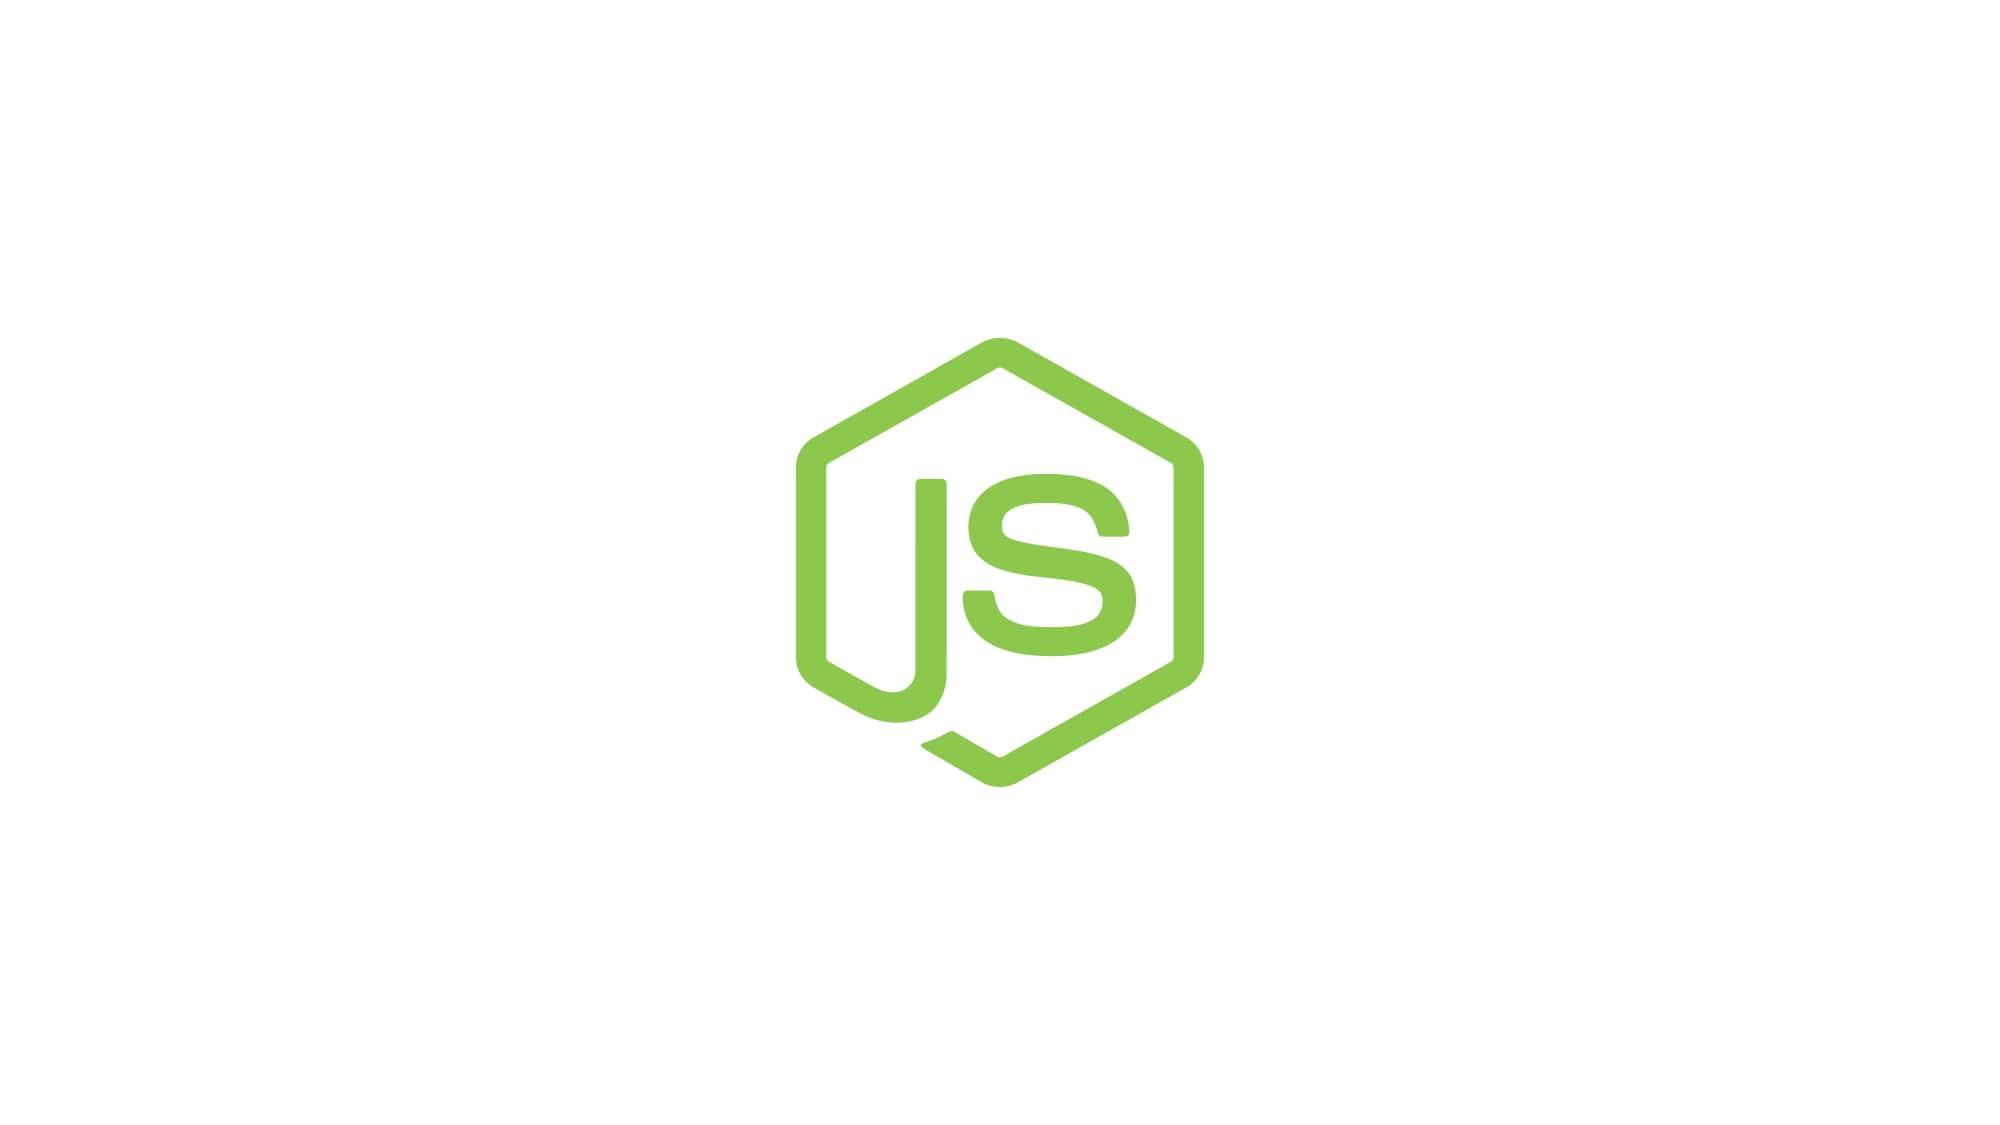 URL SIMPLE SHORTENER IN NODE.JS